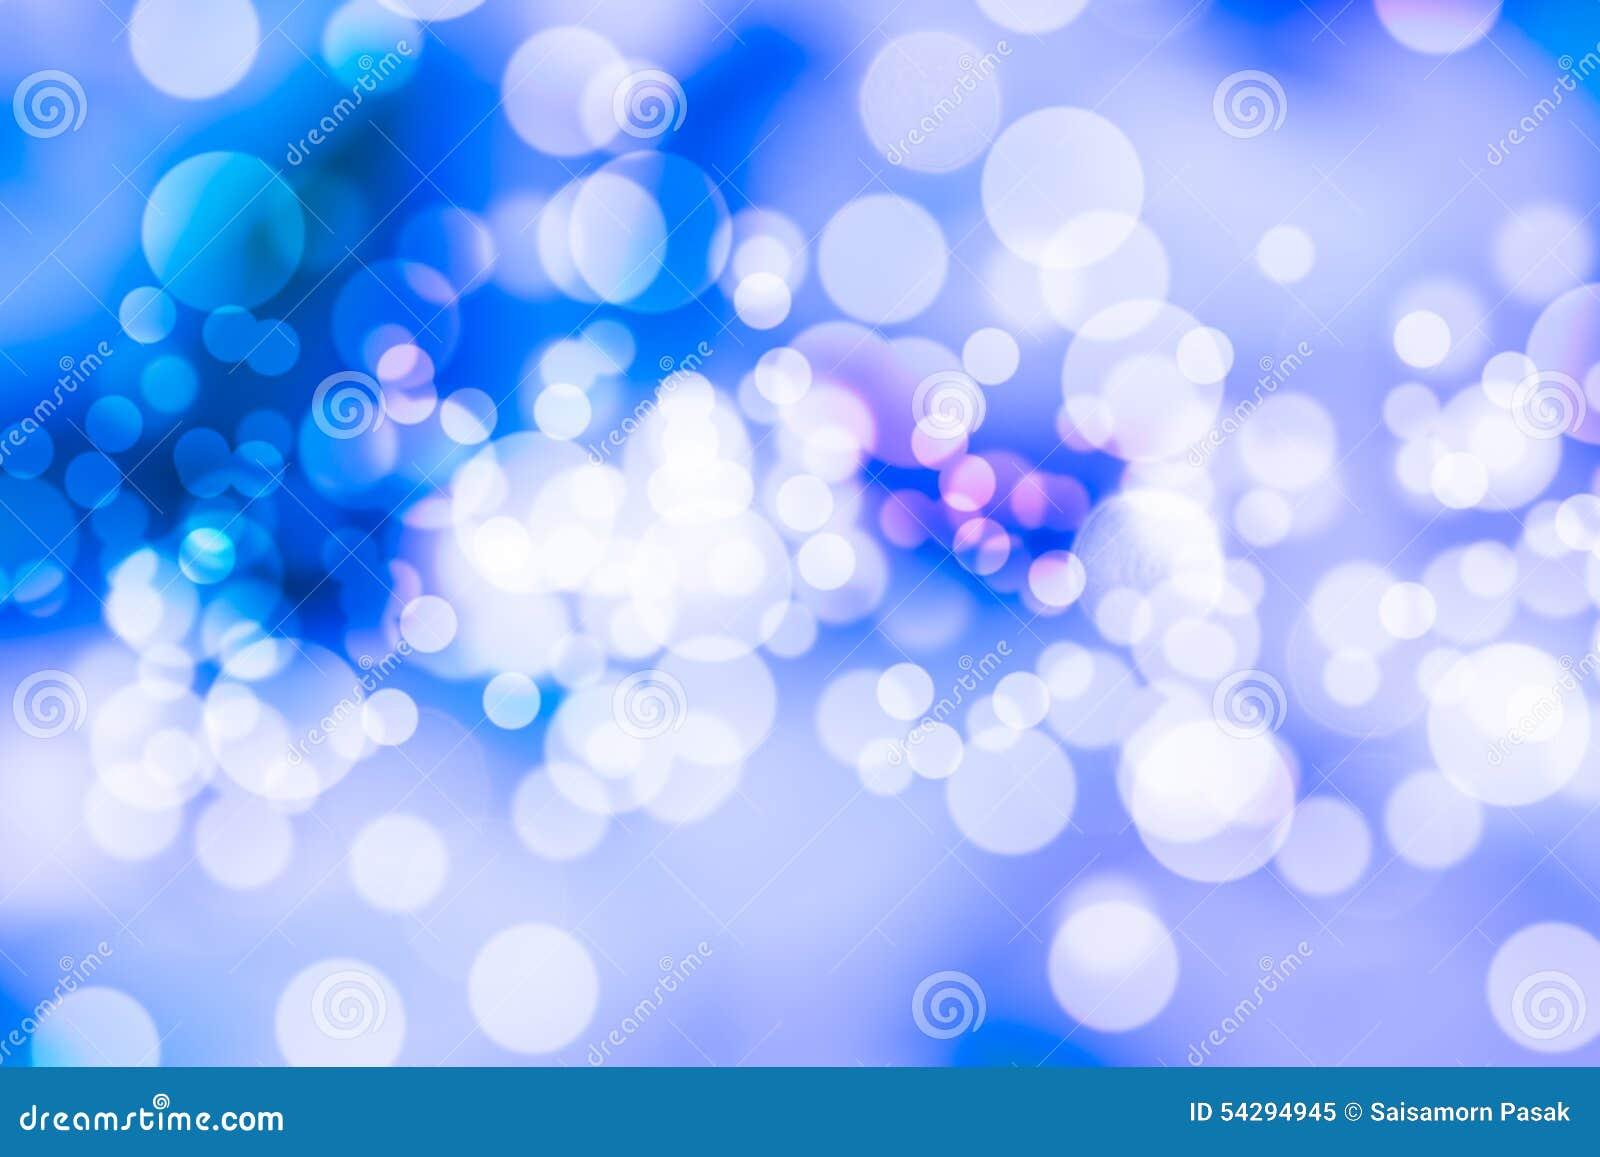 Bunt von bokeh Blaulicht verwischt